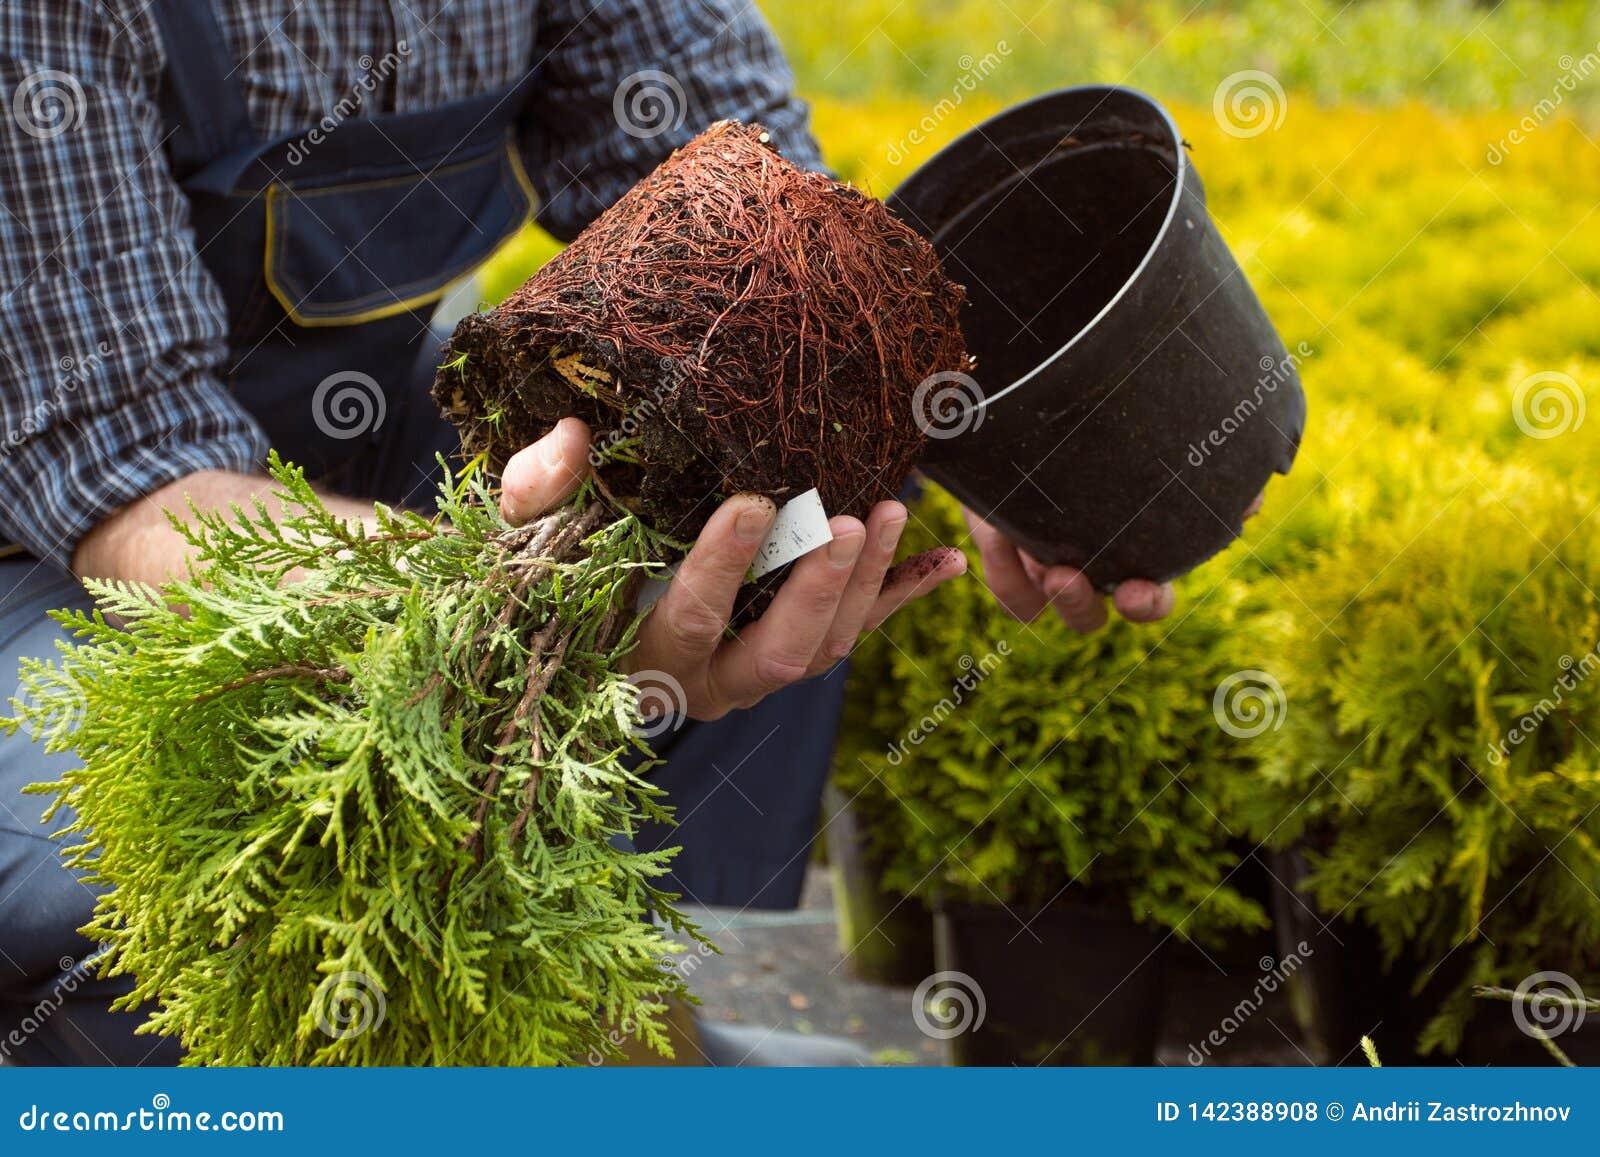 特写镜头 小幼木根系统在庭院市场上